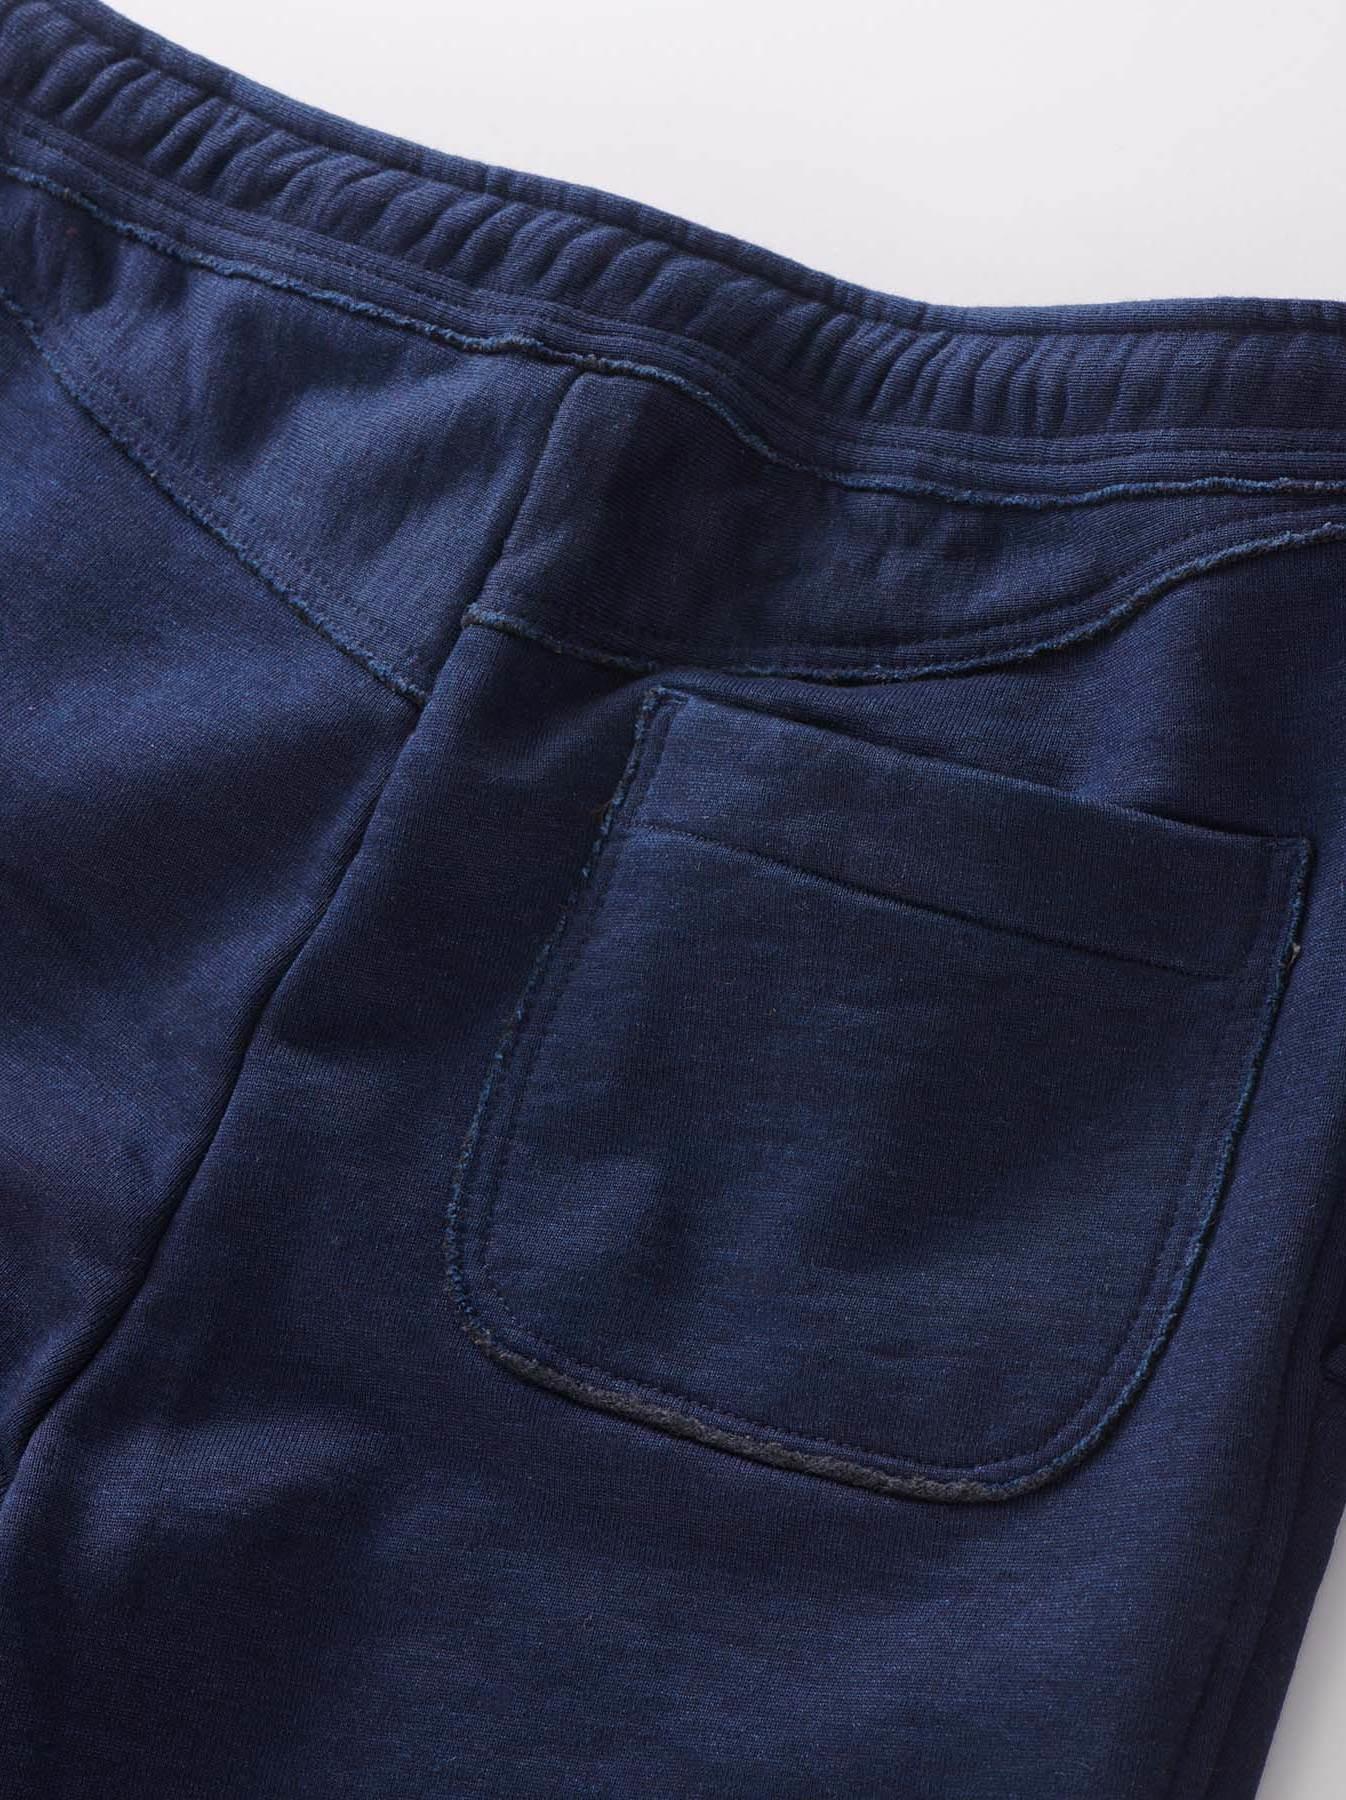 Indigo Mouton Fleecy Easy Pants-8